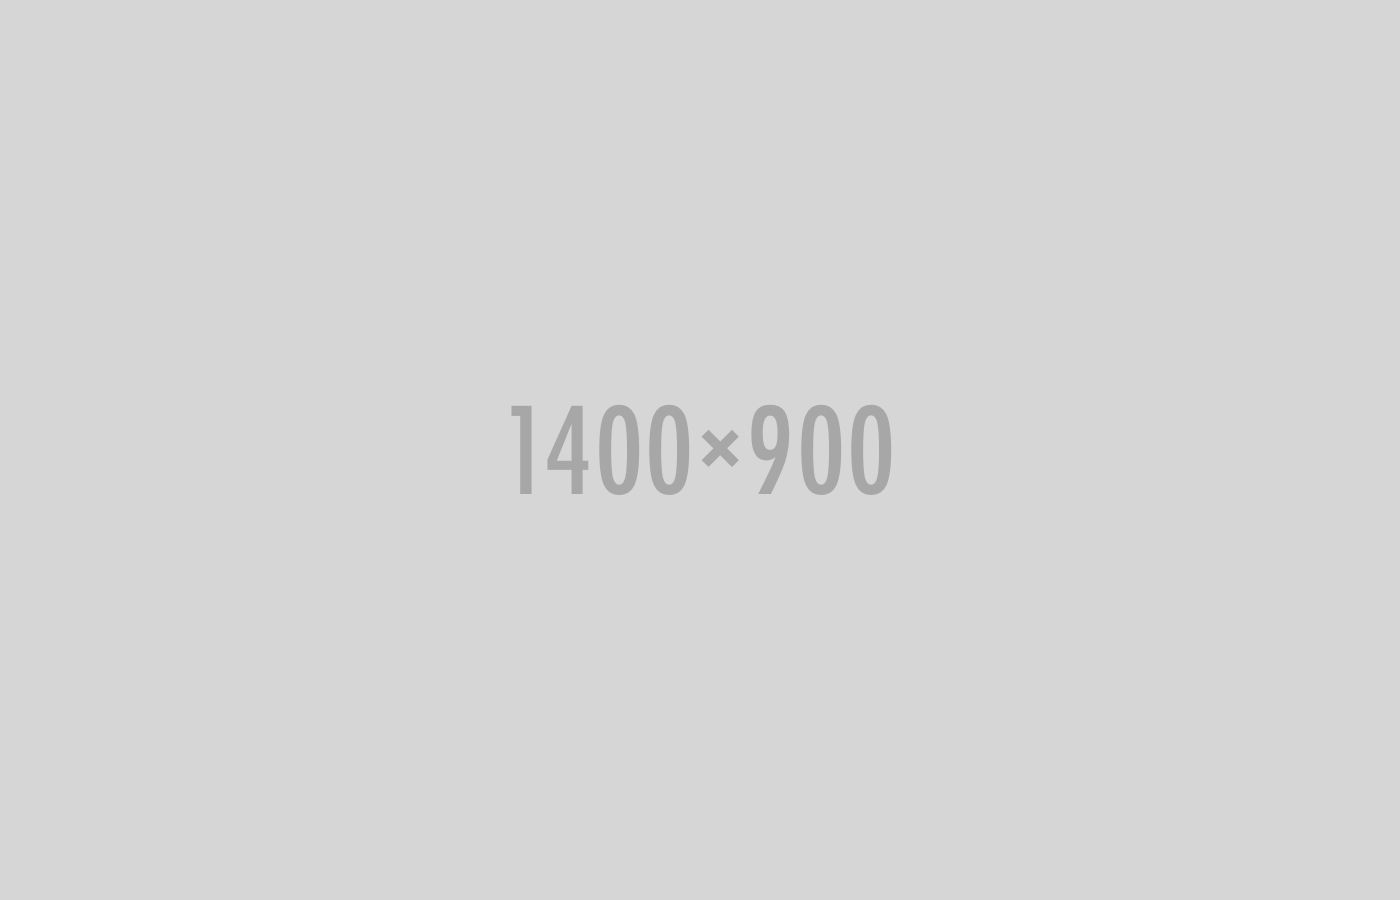 fullpage-cat05-image01